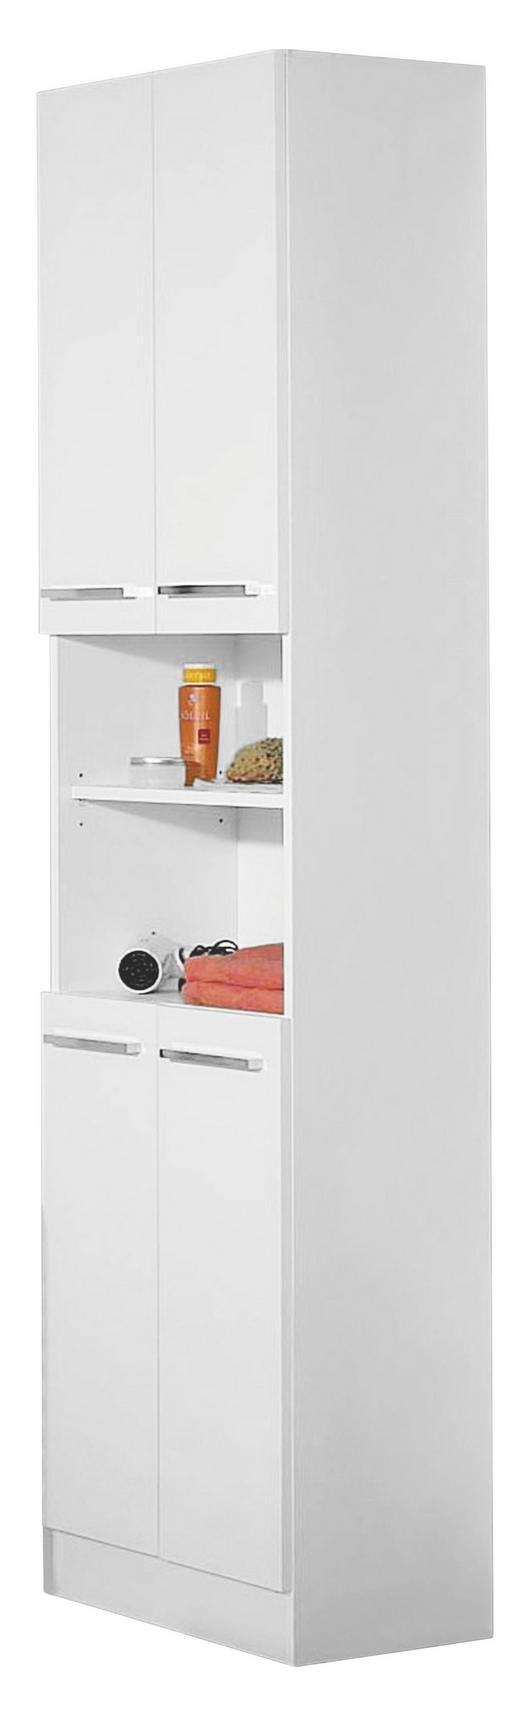 HOCHSCHRANK Weiß - Chromfarben/Weiß, Design, Holzwerkstoff (50/195,5/33cm) - Carryhome